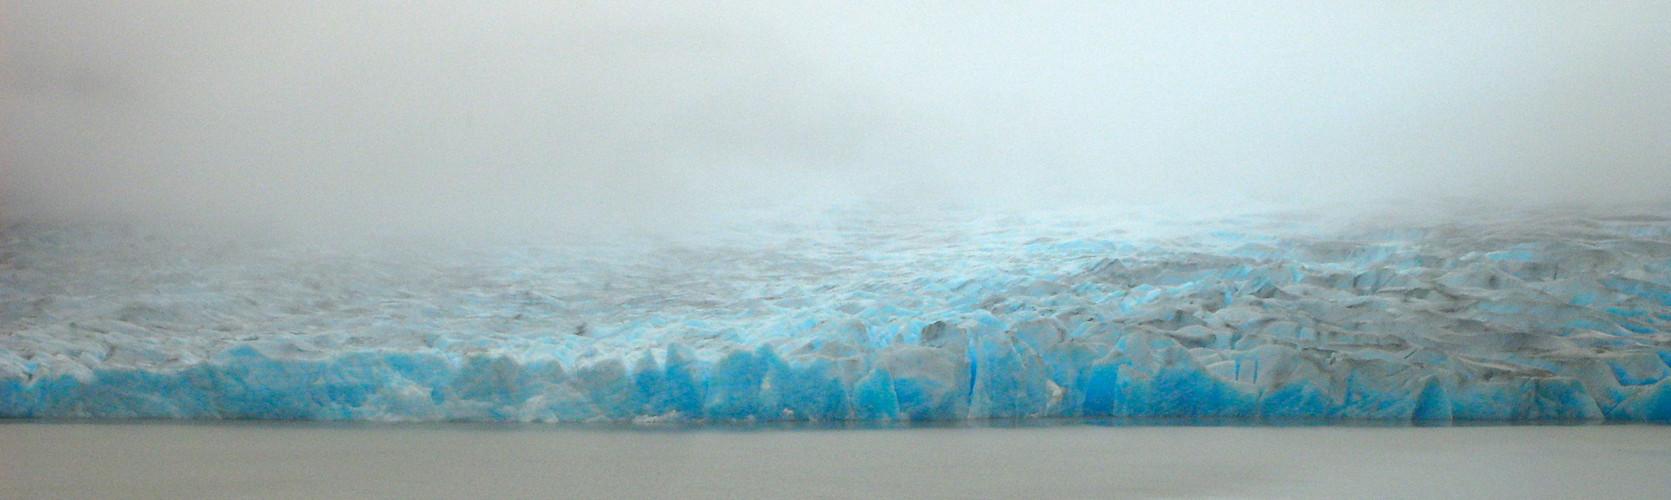 Glaciar Grey Parque Nacional Torres del Paine -Chile